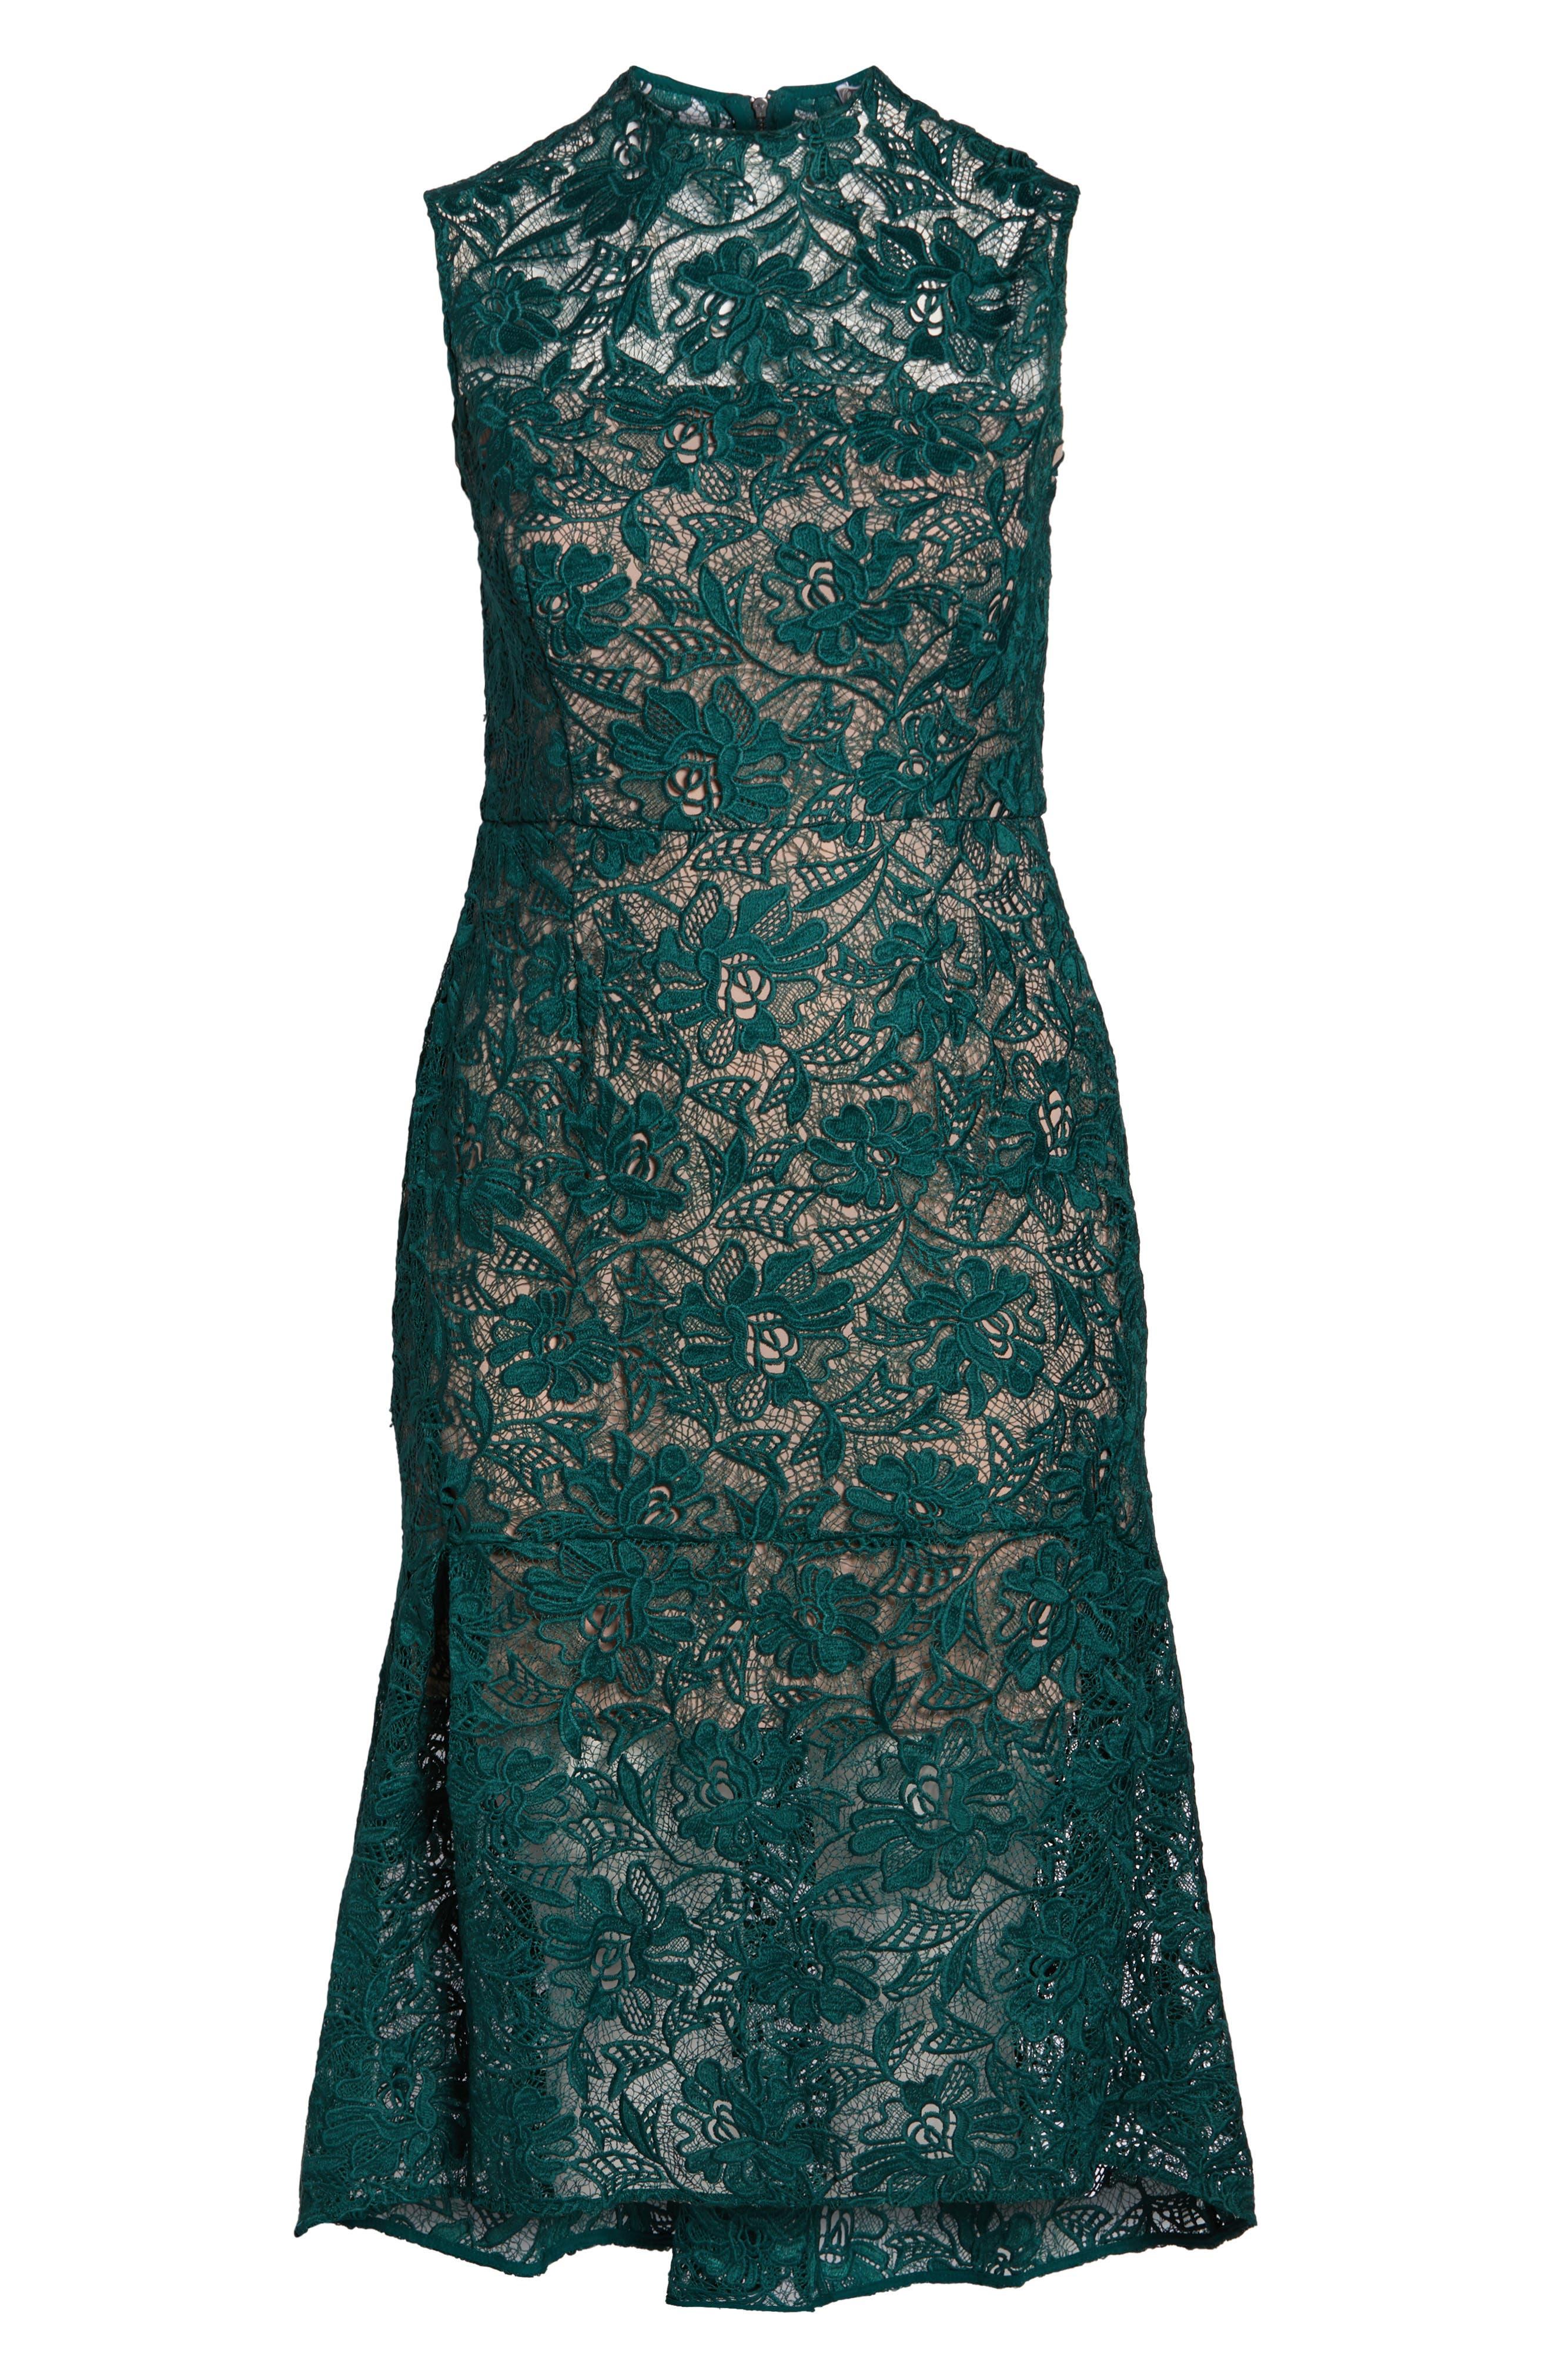 Lace Mock Neck Midi Dress,                             Alternate thumbnail 7, color,                             301